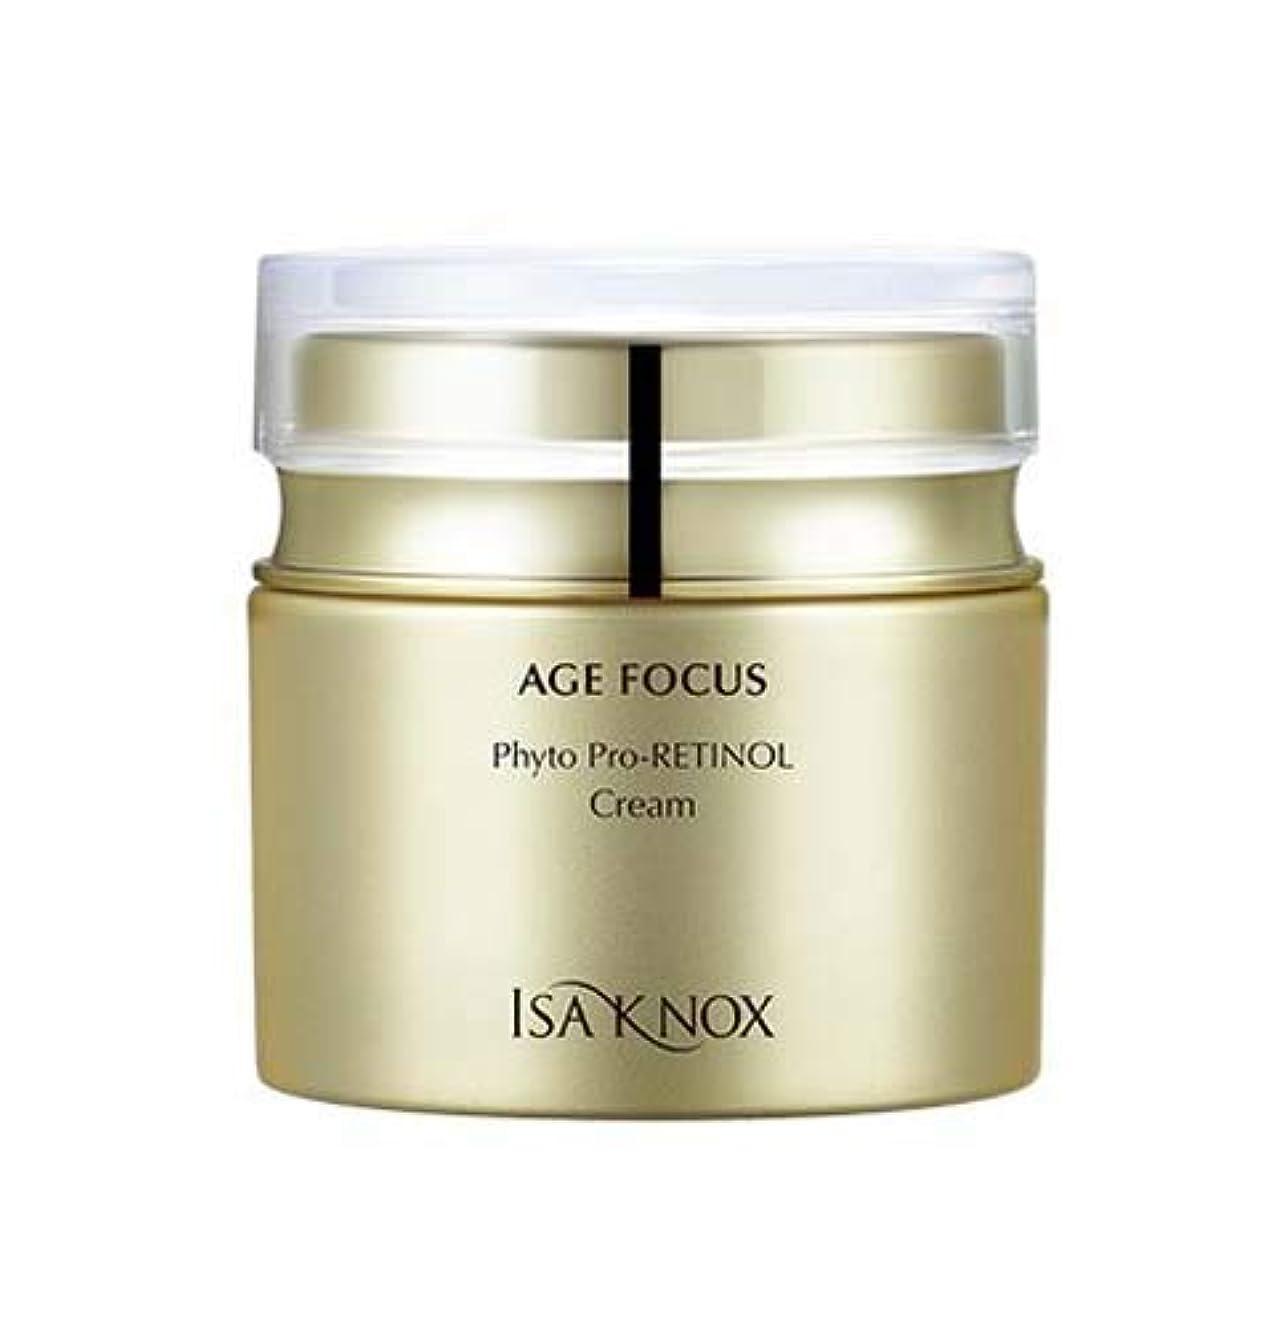 爆弾冒険手首[イザノックス] ISA KNOX [エイジフォーカス フィト プロレチノール クリーム 50ml] AGE FOCUS Pro-Retinol Cream 50ml [海外直送品]